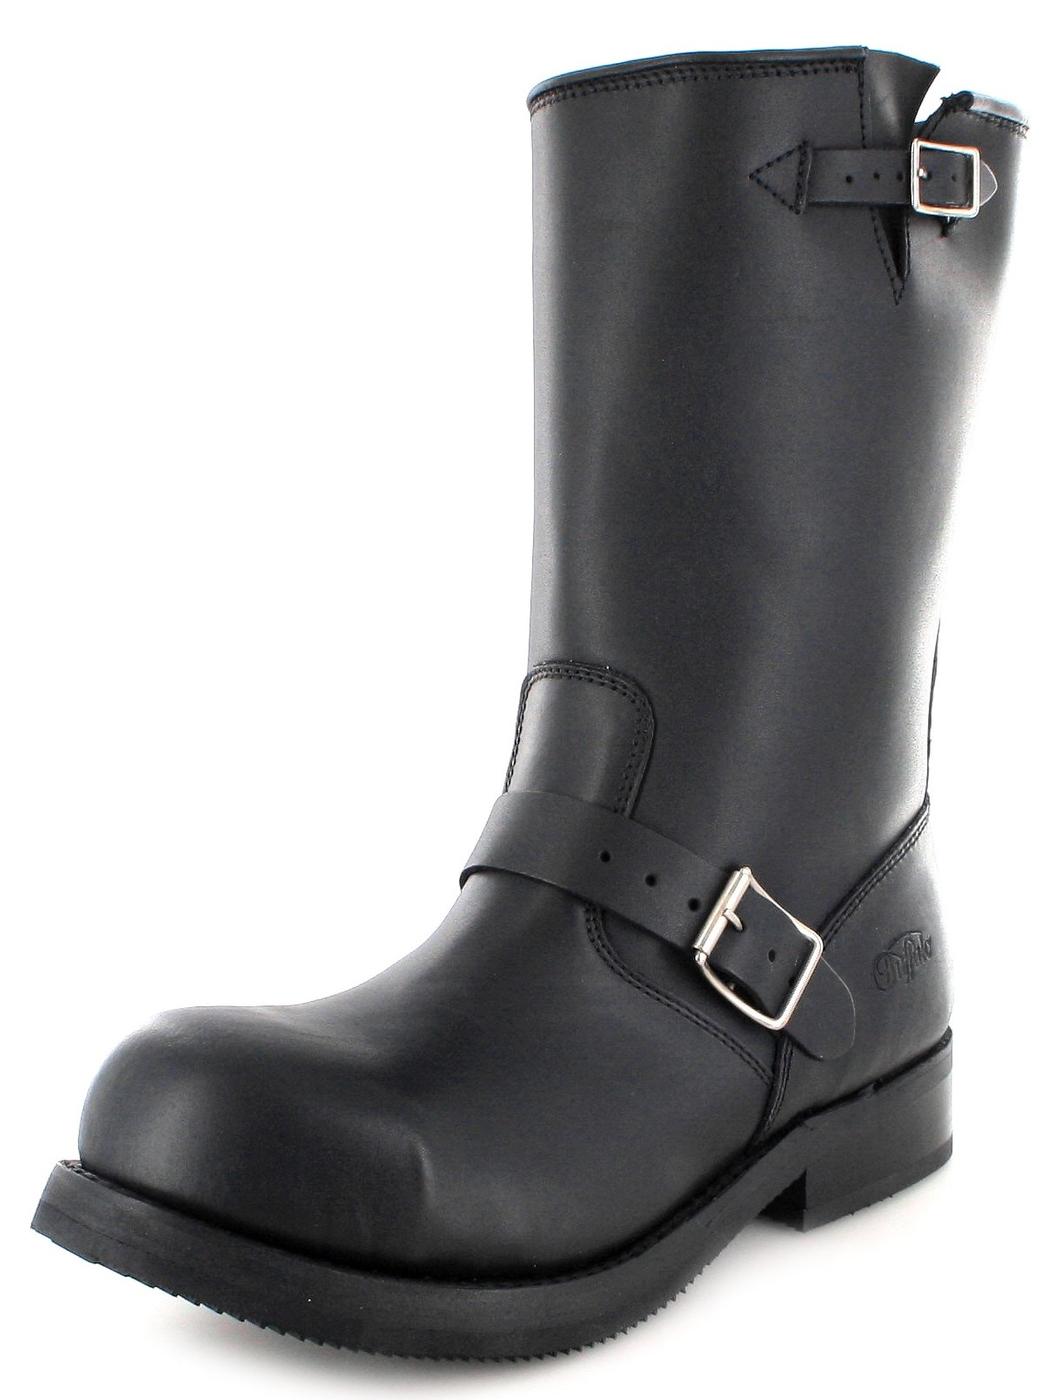 Buffalo Boots 1808A Engineerstiefel mit Stahlkappe - schwarz